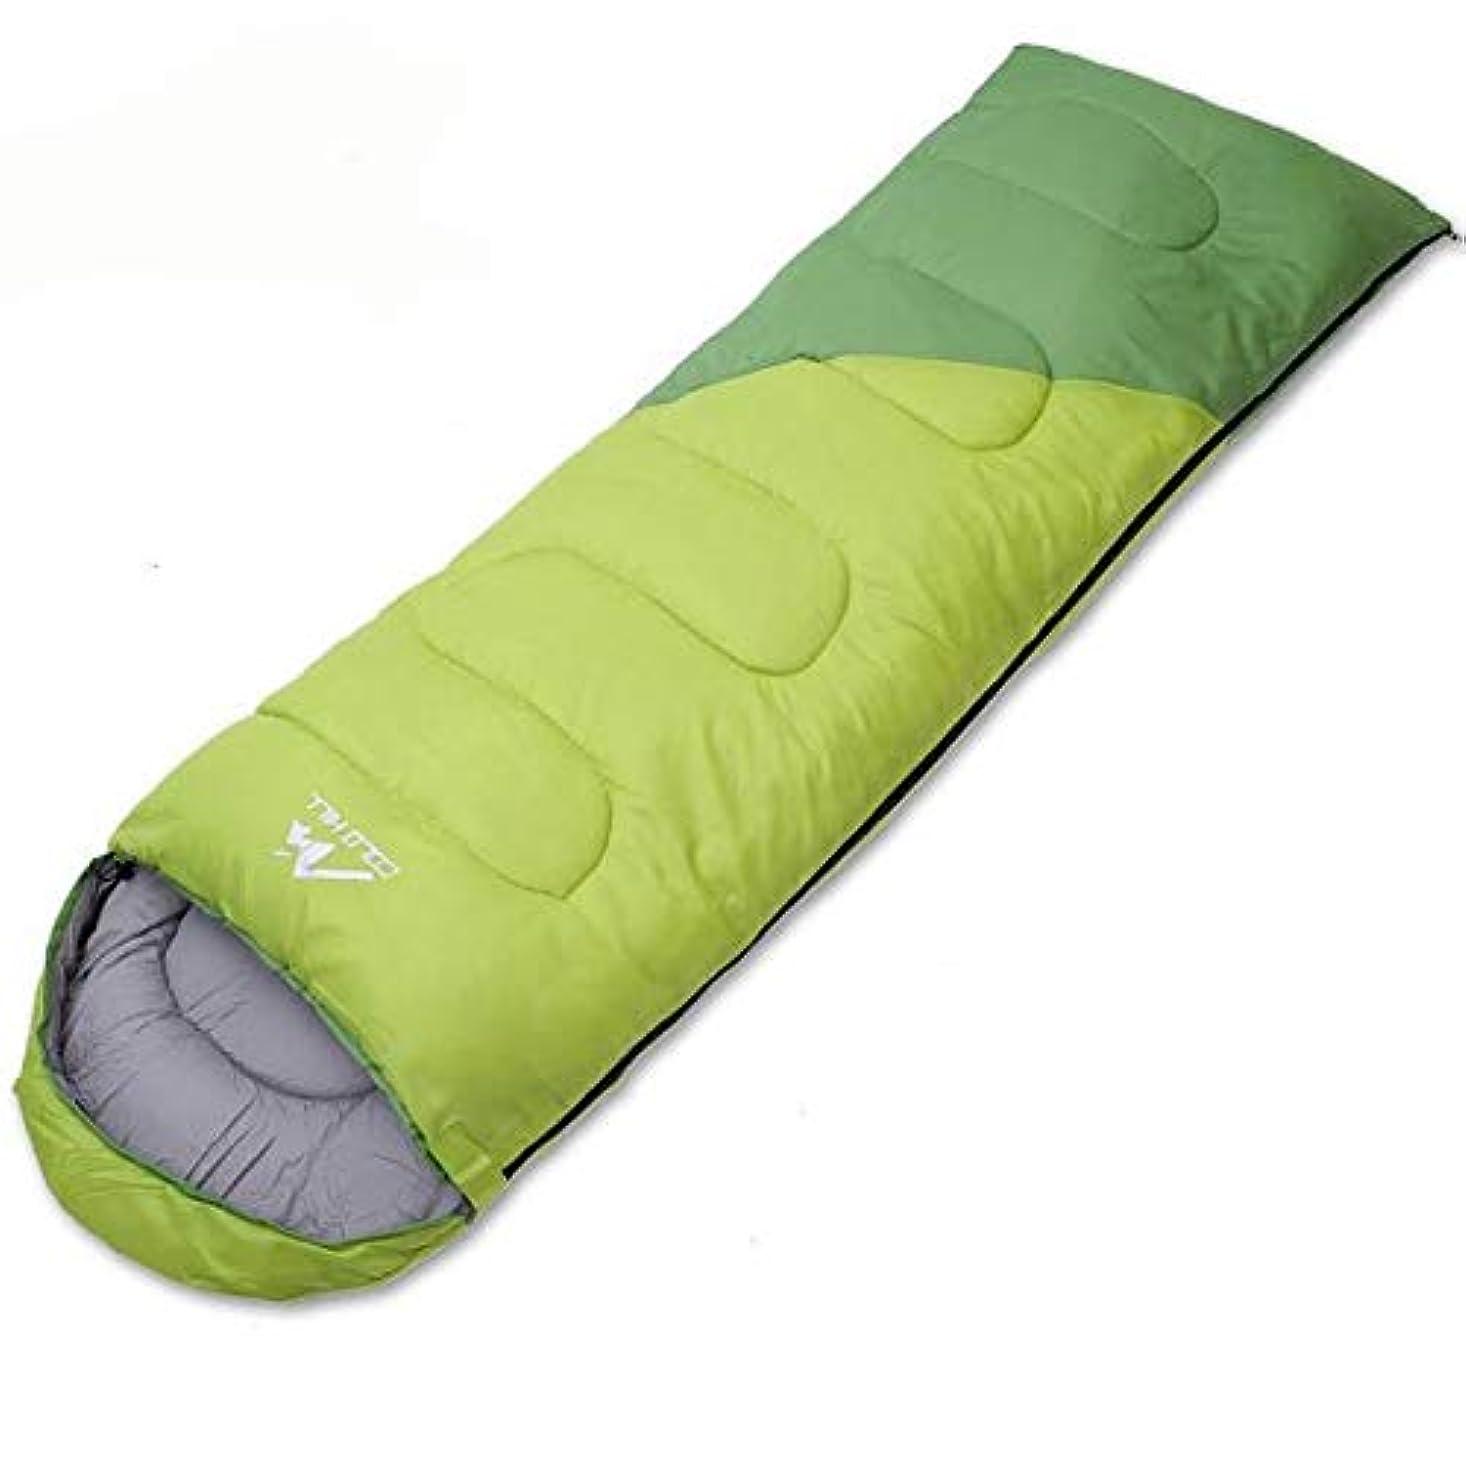 行進光沢のある大CXUNKK 男性と女性の屋外の大人はステッチ封筒タイプ四季普遍的な寝袋汚い旅行昼休み屋内寝袋をすることができます (Color : Green, Size : 1.1KG)